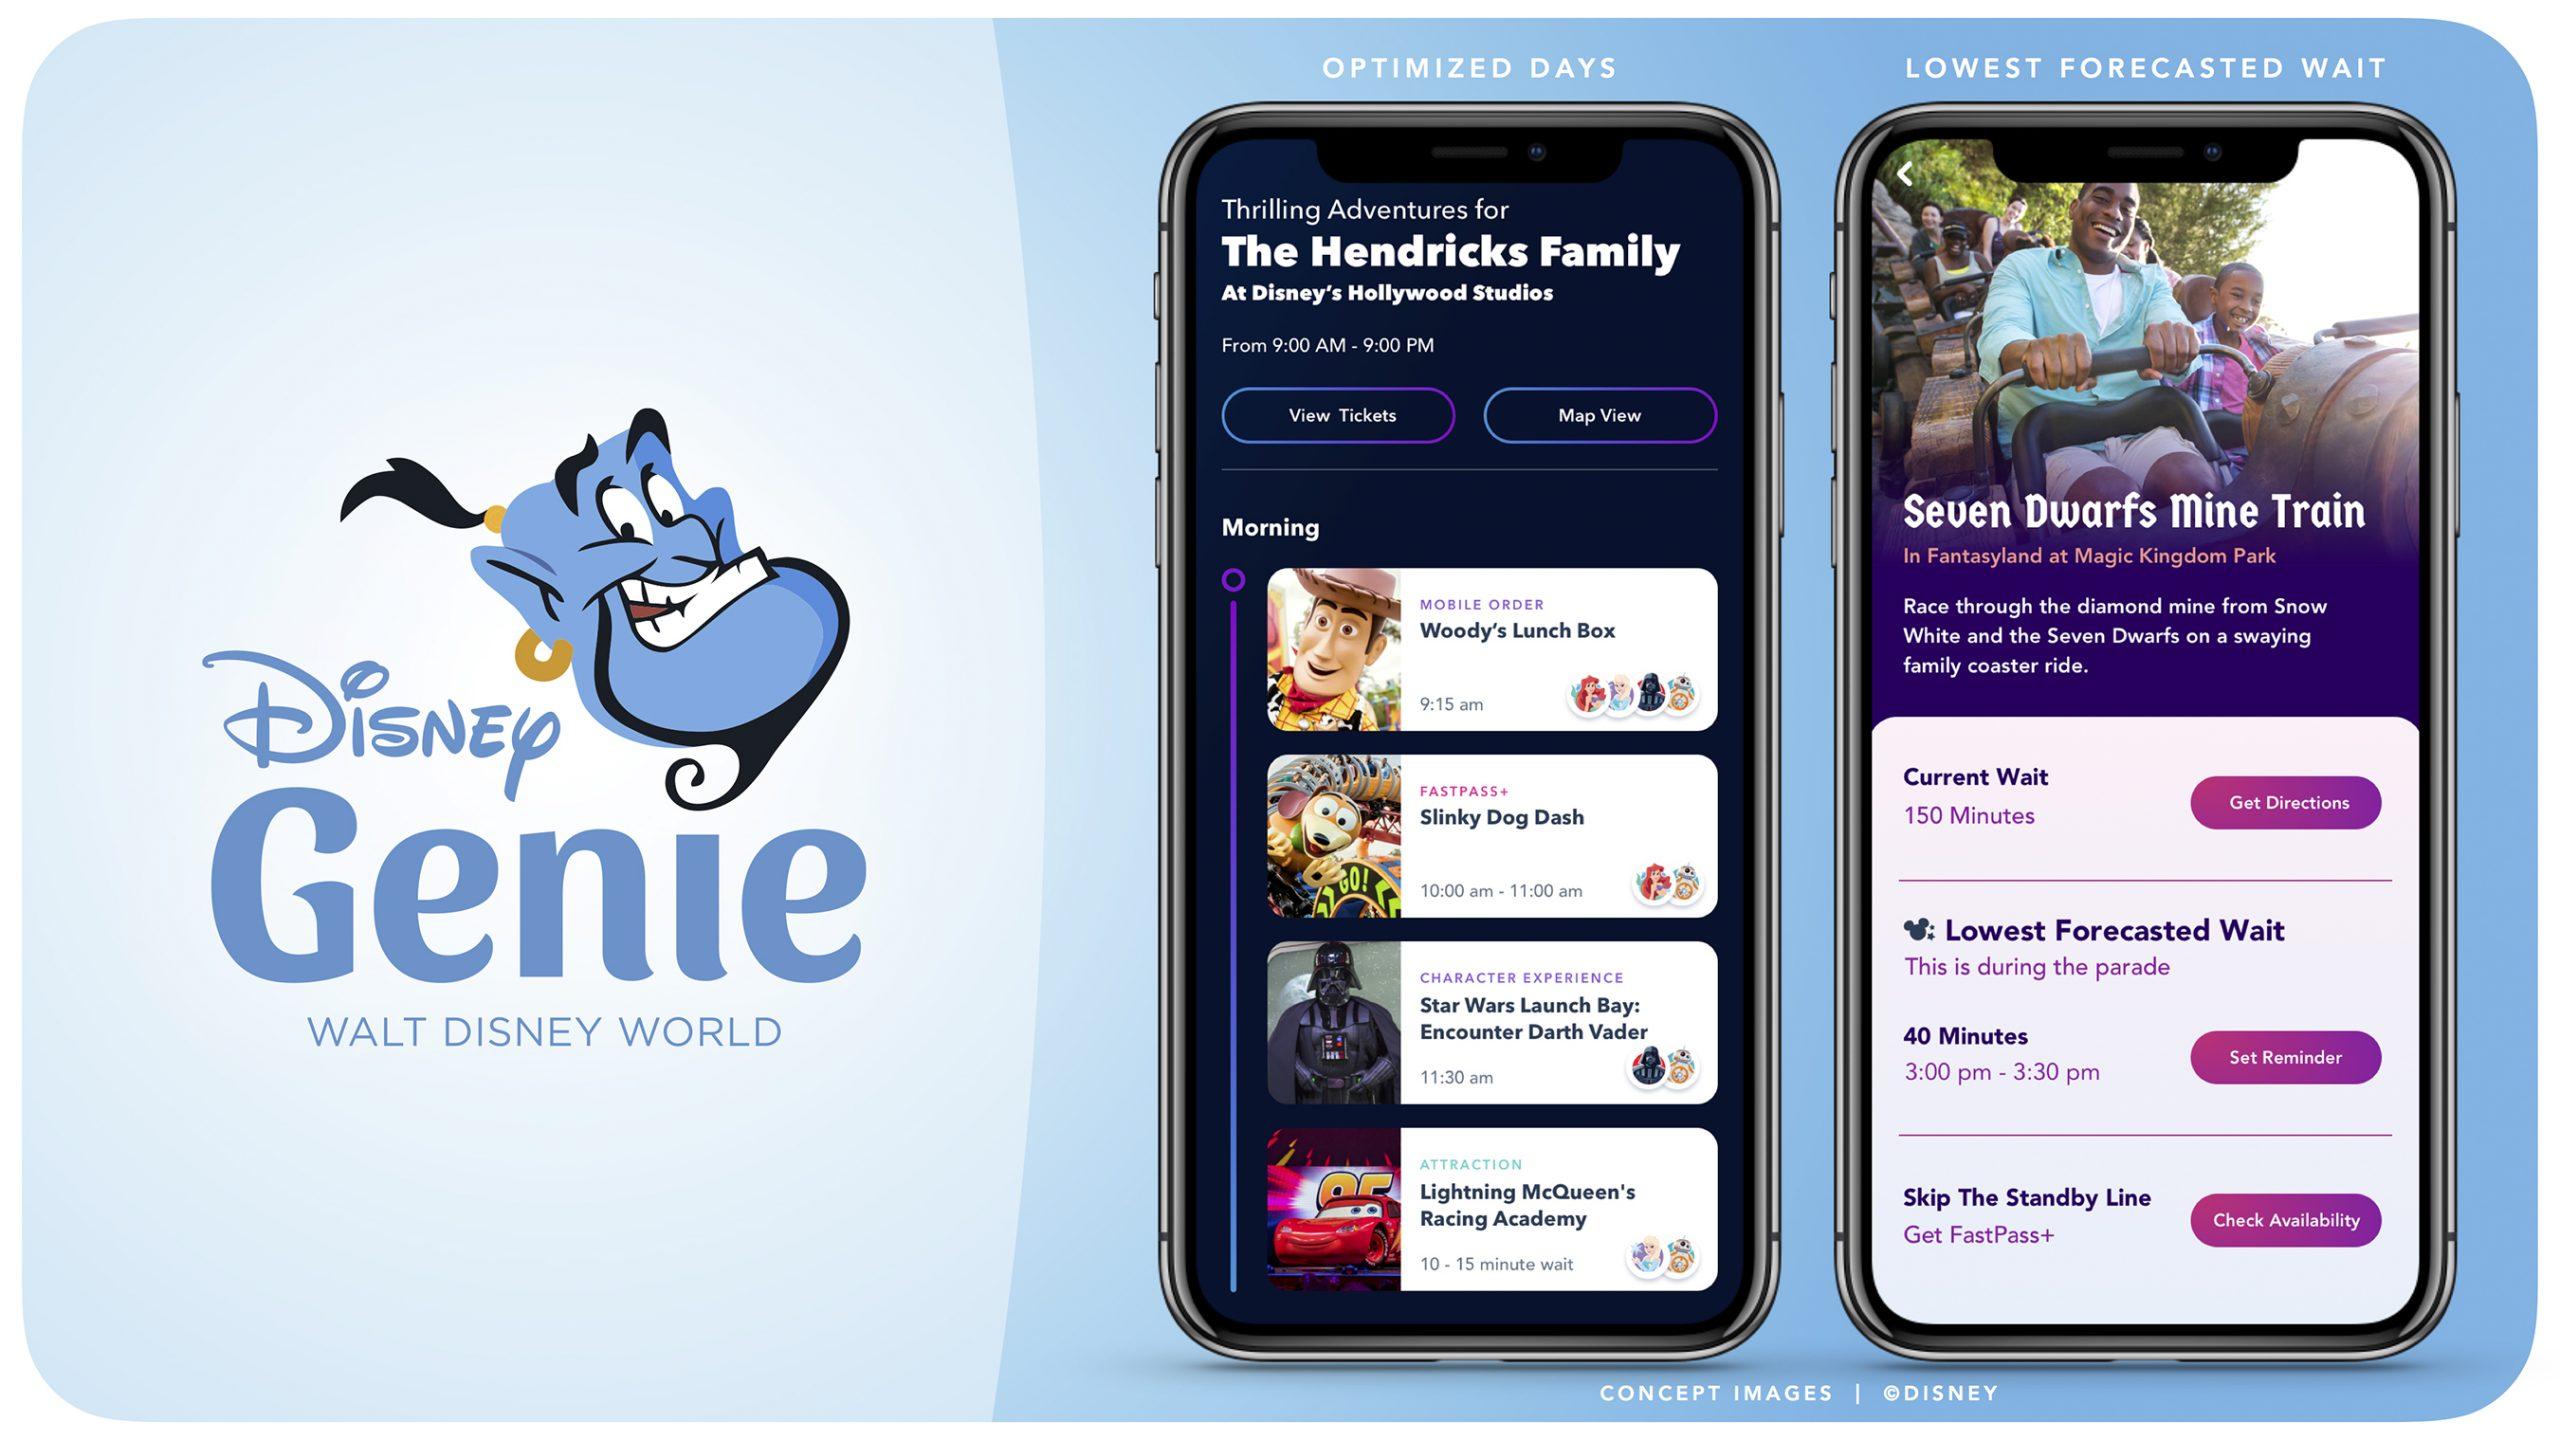 Disney Genie: the latest updates